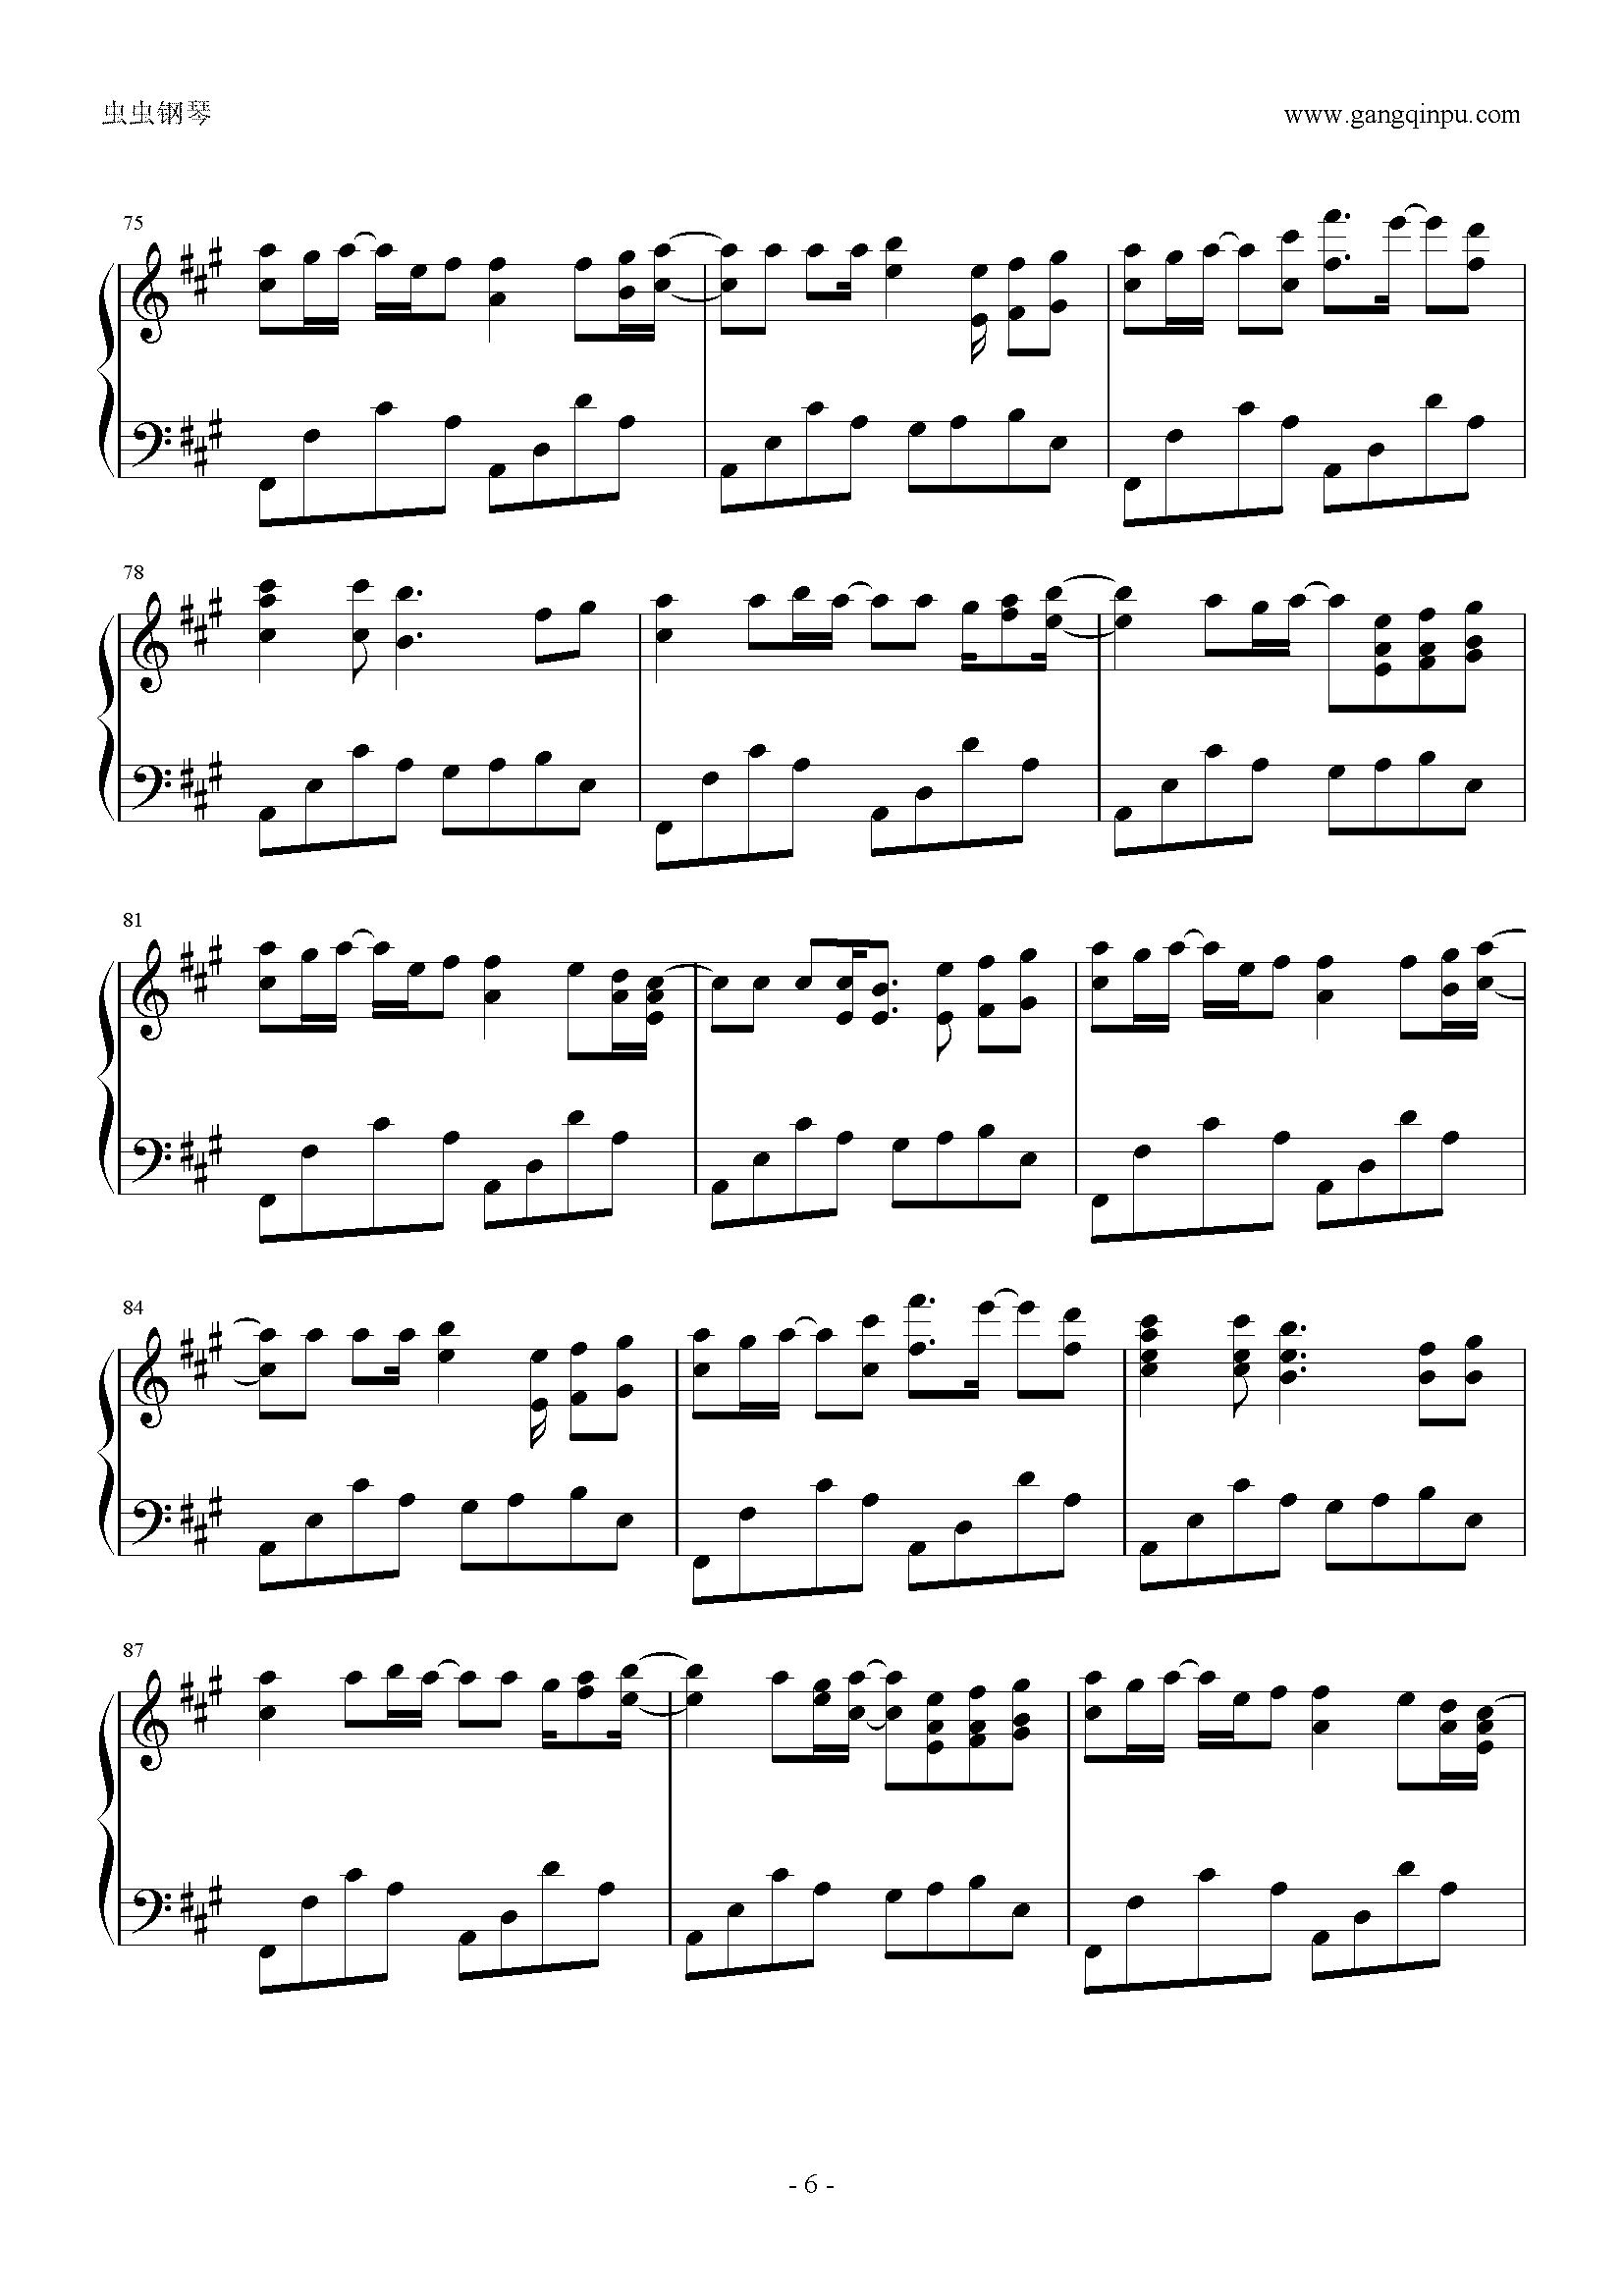 平凡之路钢琴谱 第6页图片